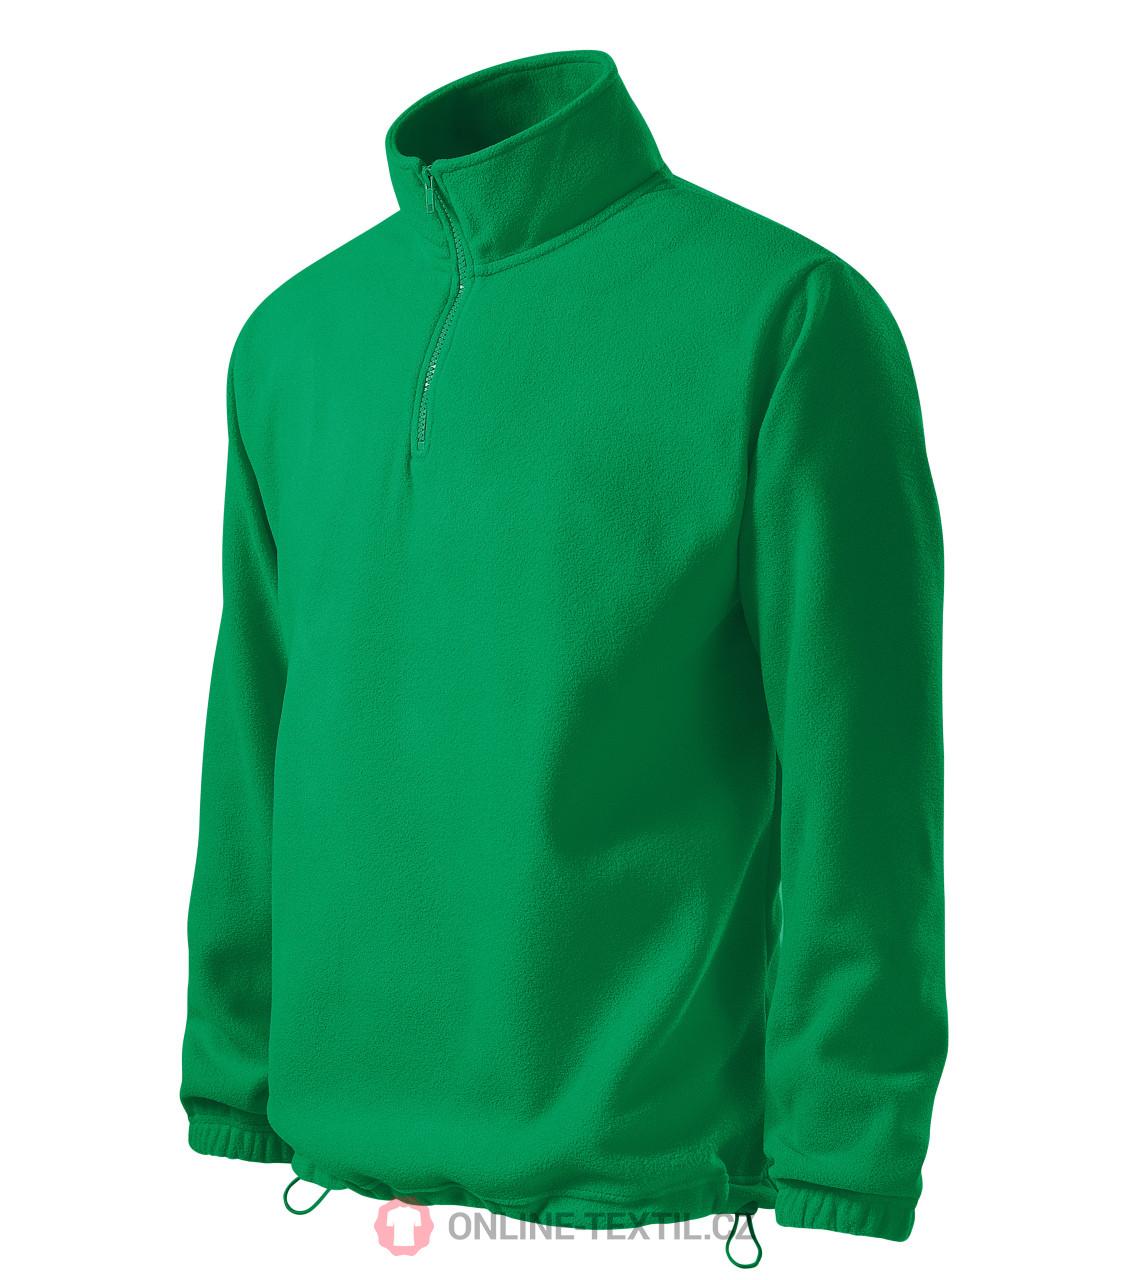 a72f09dedeed ADLER CZECH Pánská fleece bunda mikina Horizon s krátkým zipem 520 ...